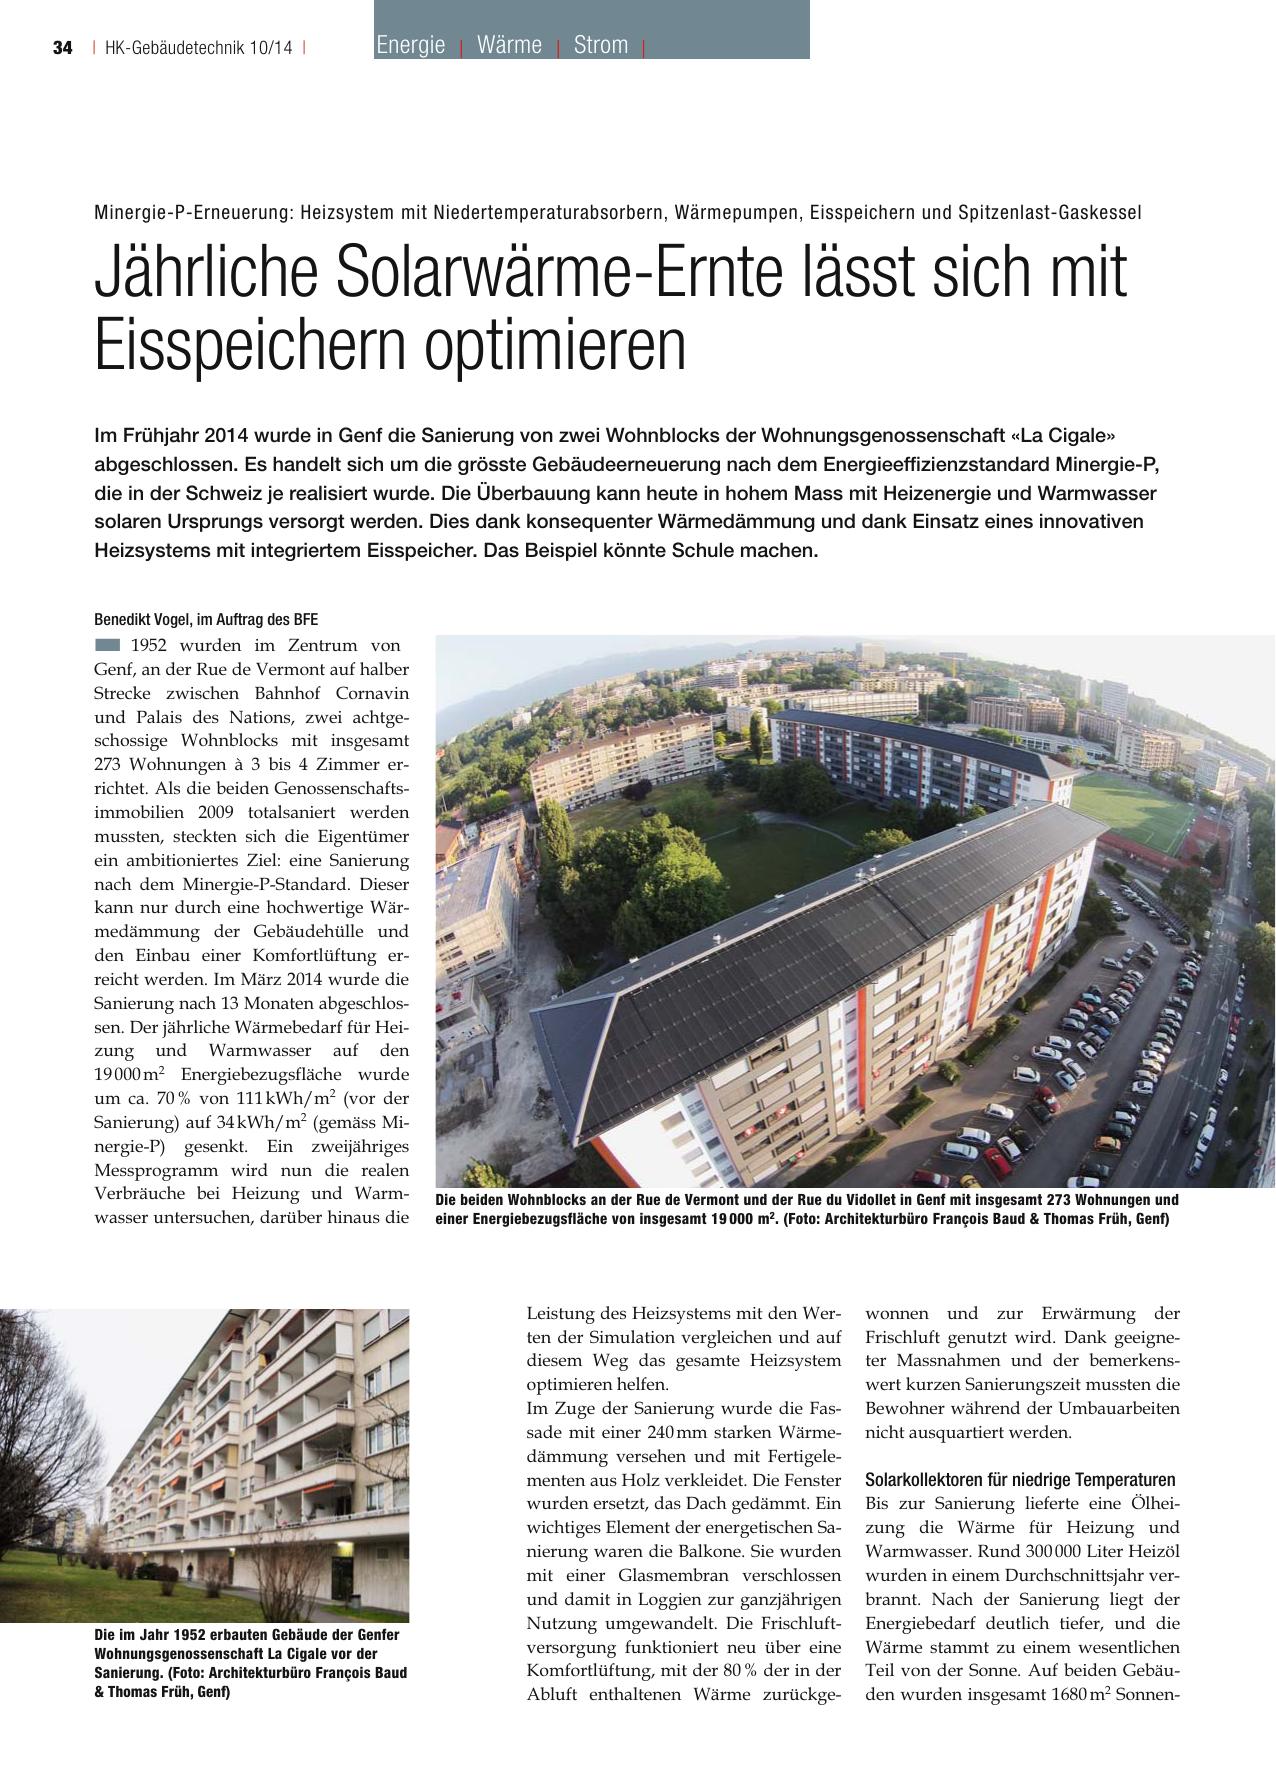 Atemberaubend Gaskessel Wärme Zeitgenössisch - Elektrische ...